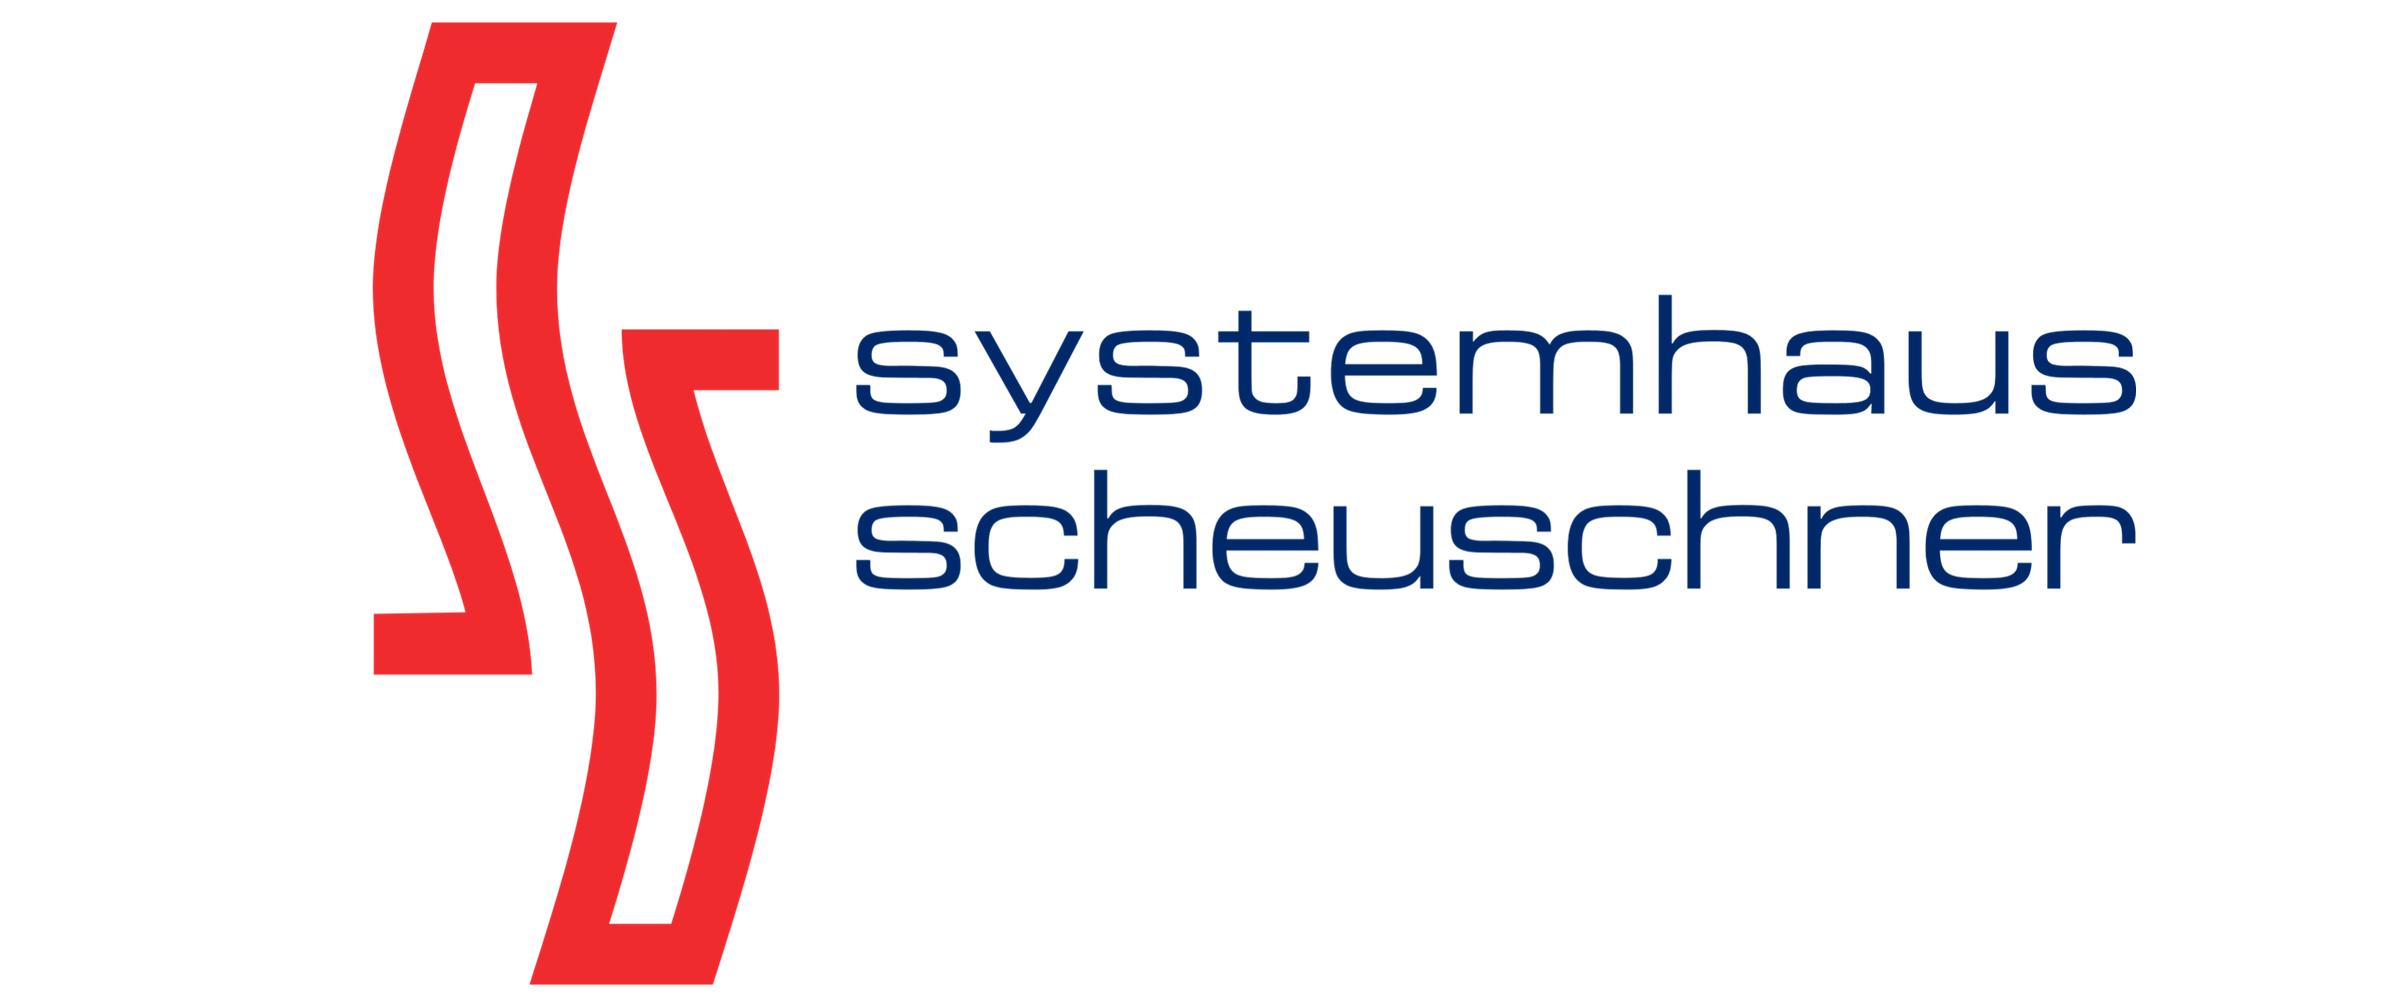 Systemhaus Scheuschner